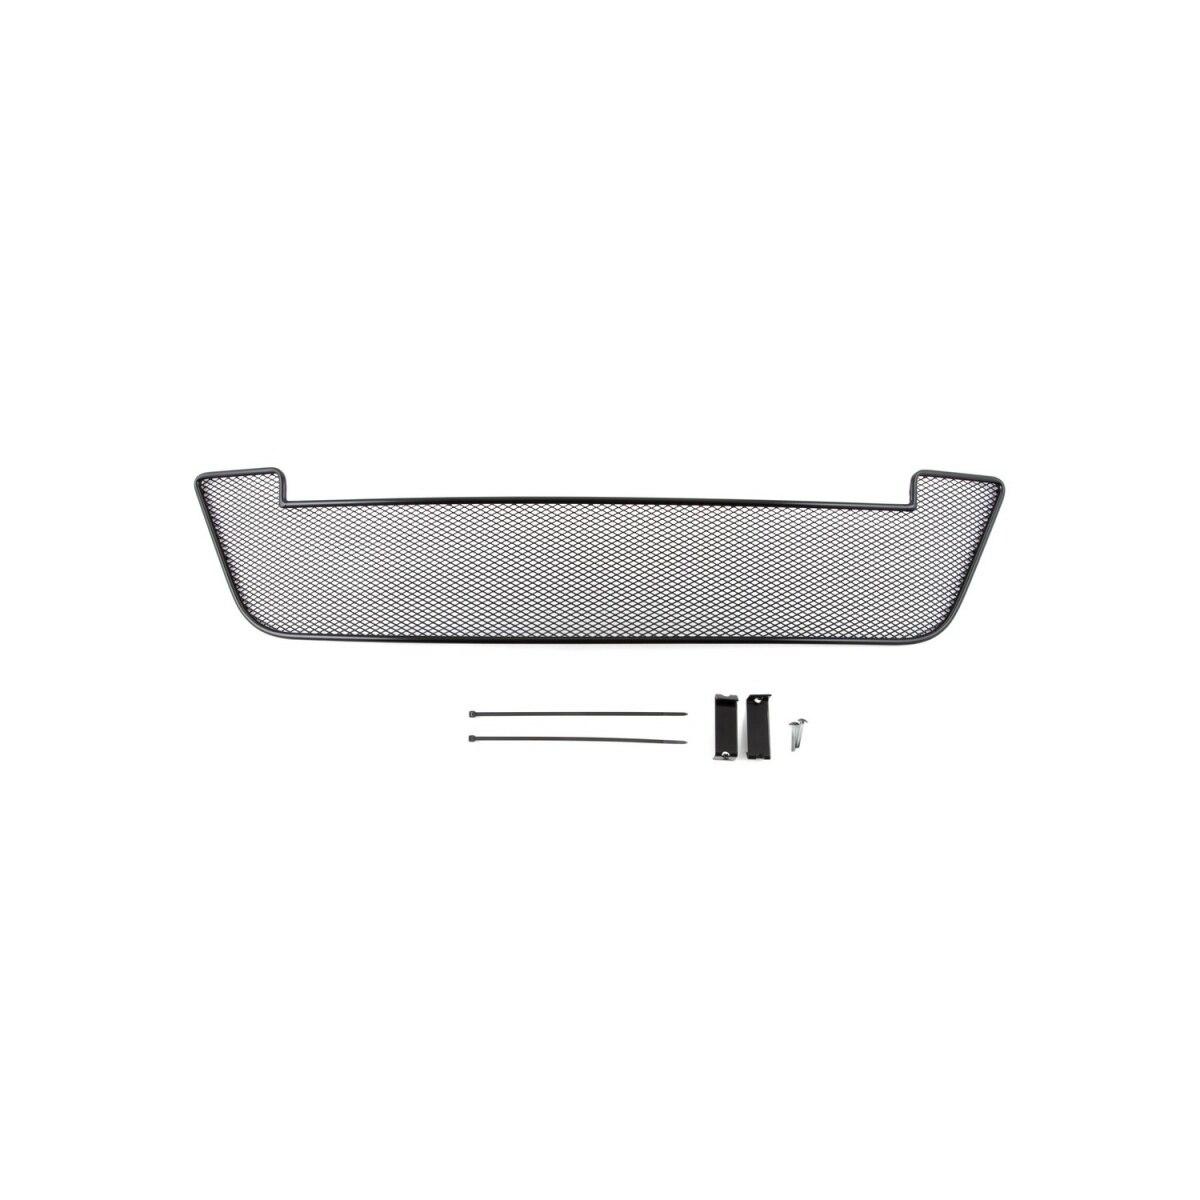 Сетка на бампер внешняя для nissan almera 2013 >, черн., 10 мм (ниссан альмера) Навесы и укрытия    АлиЭкспресс